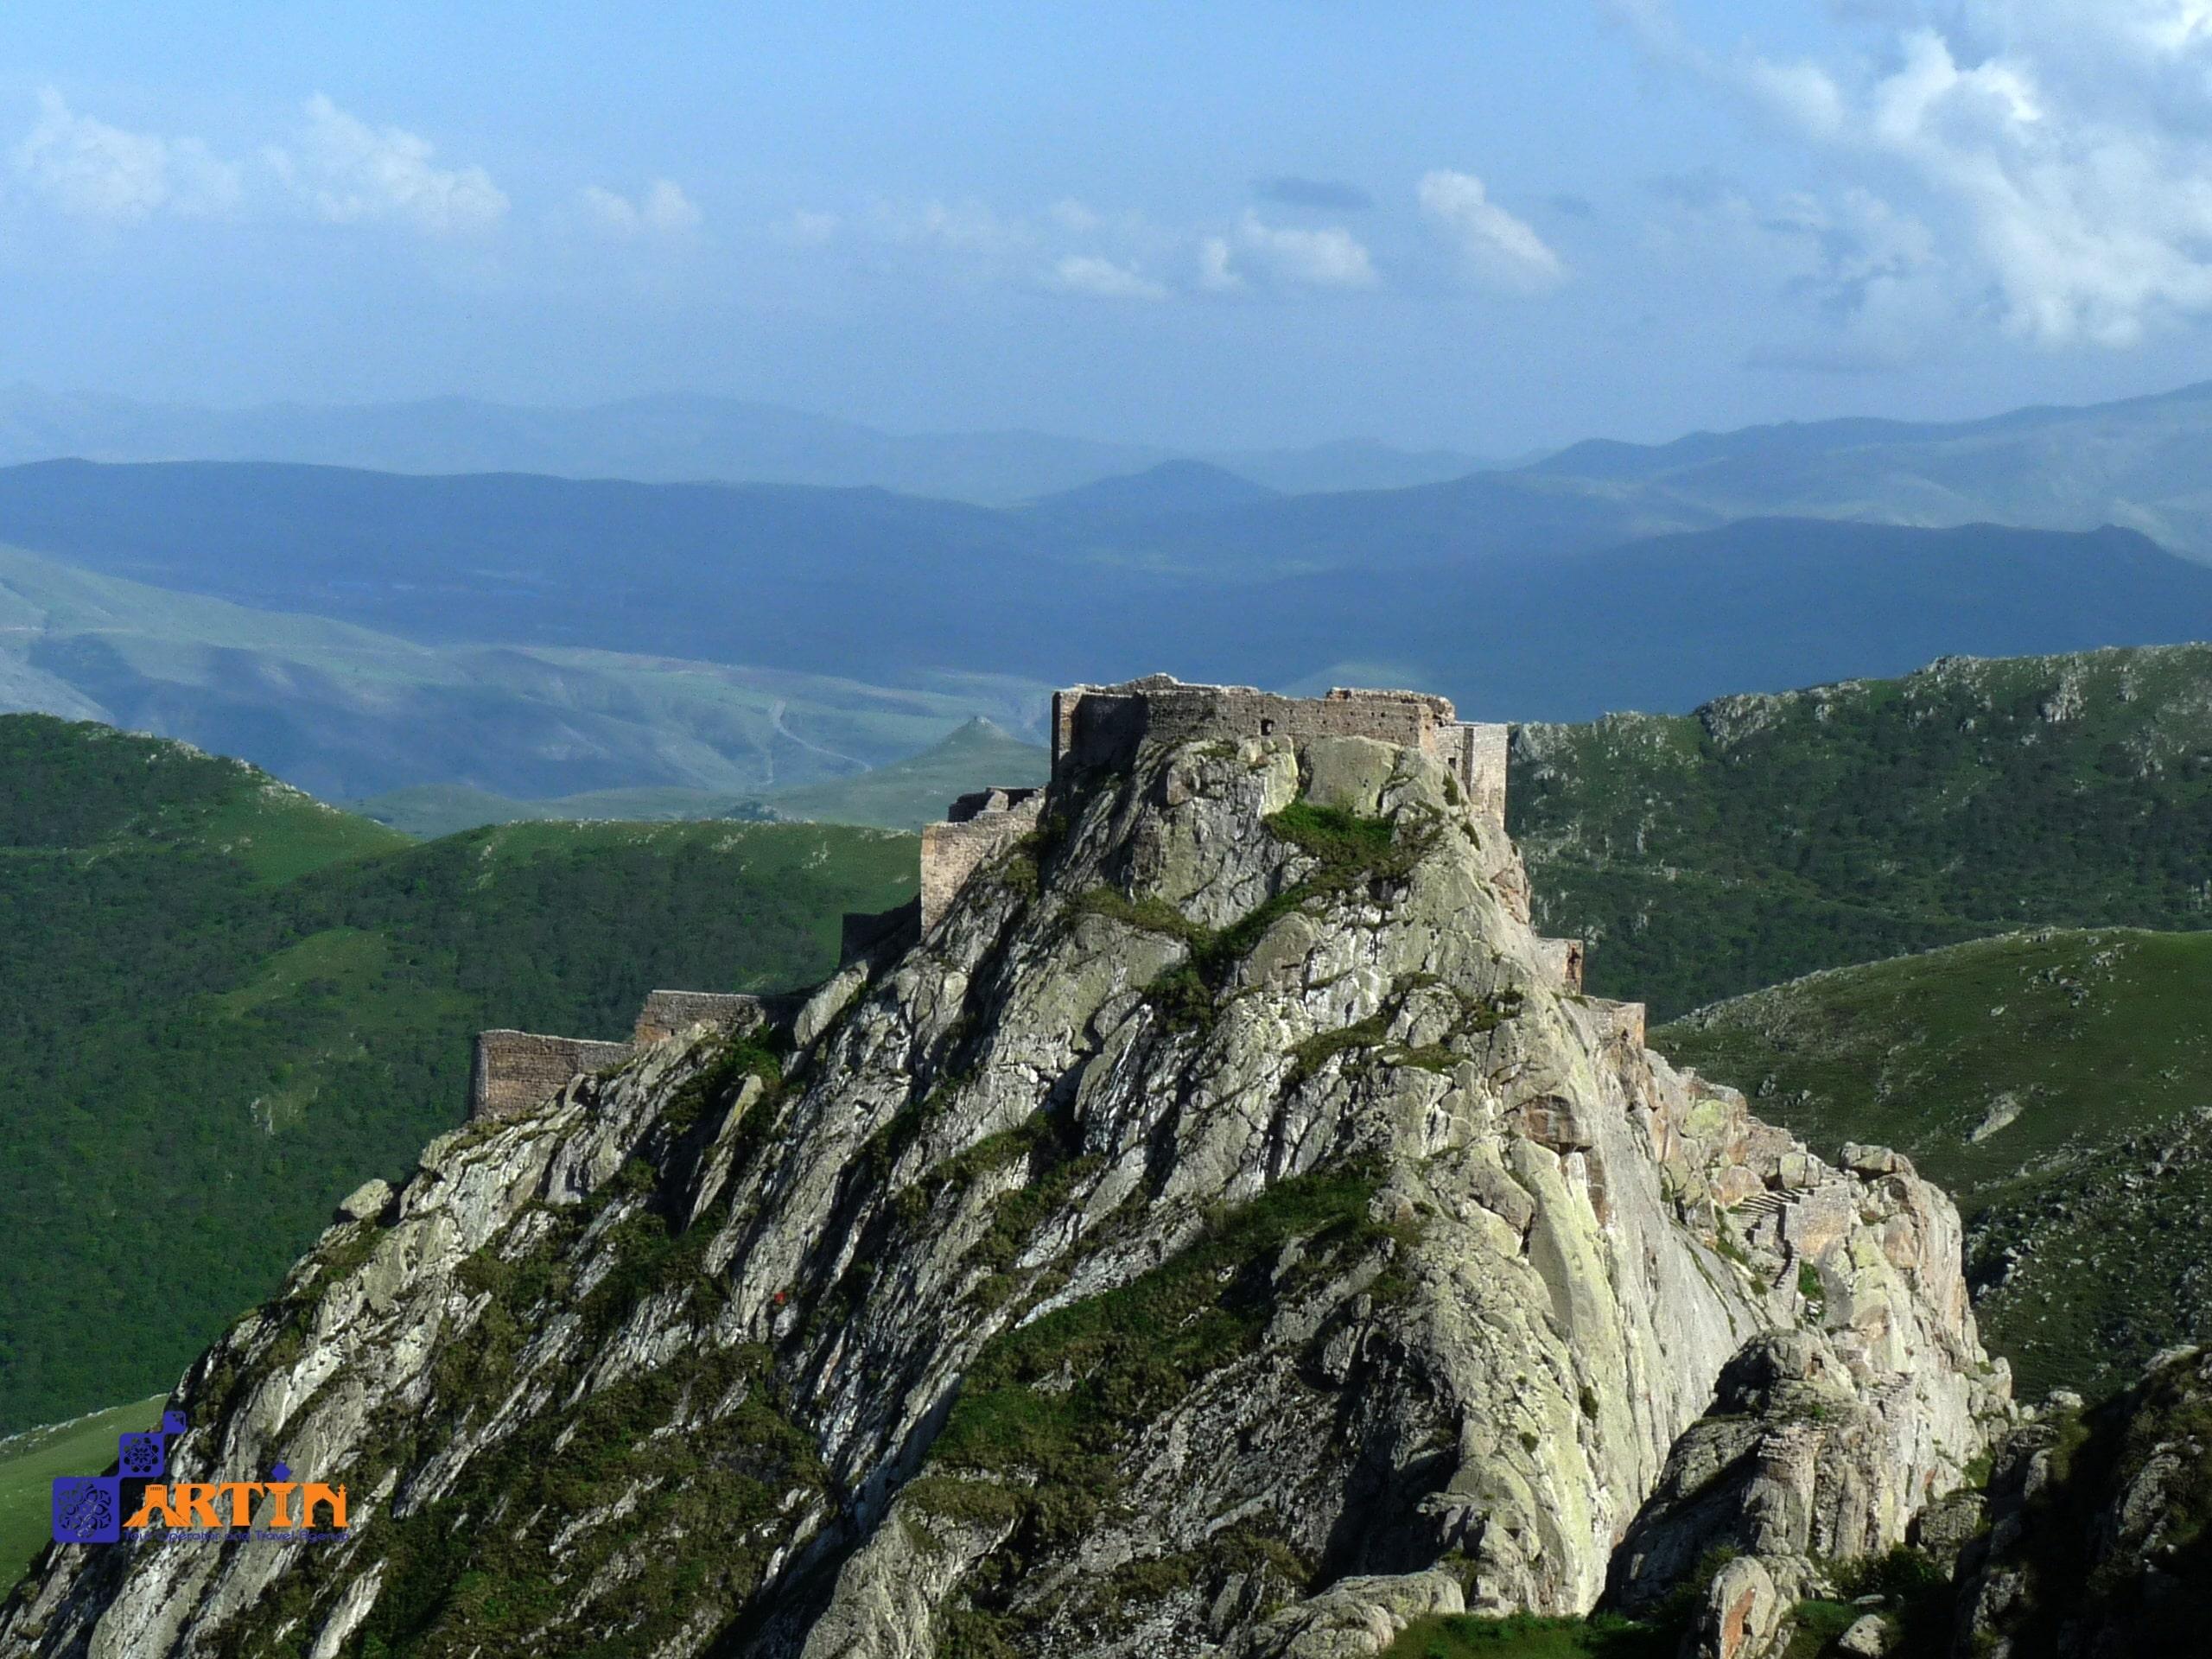 Babak Fort from above travelartin.com